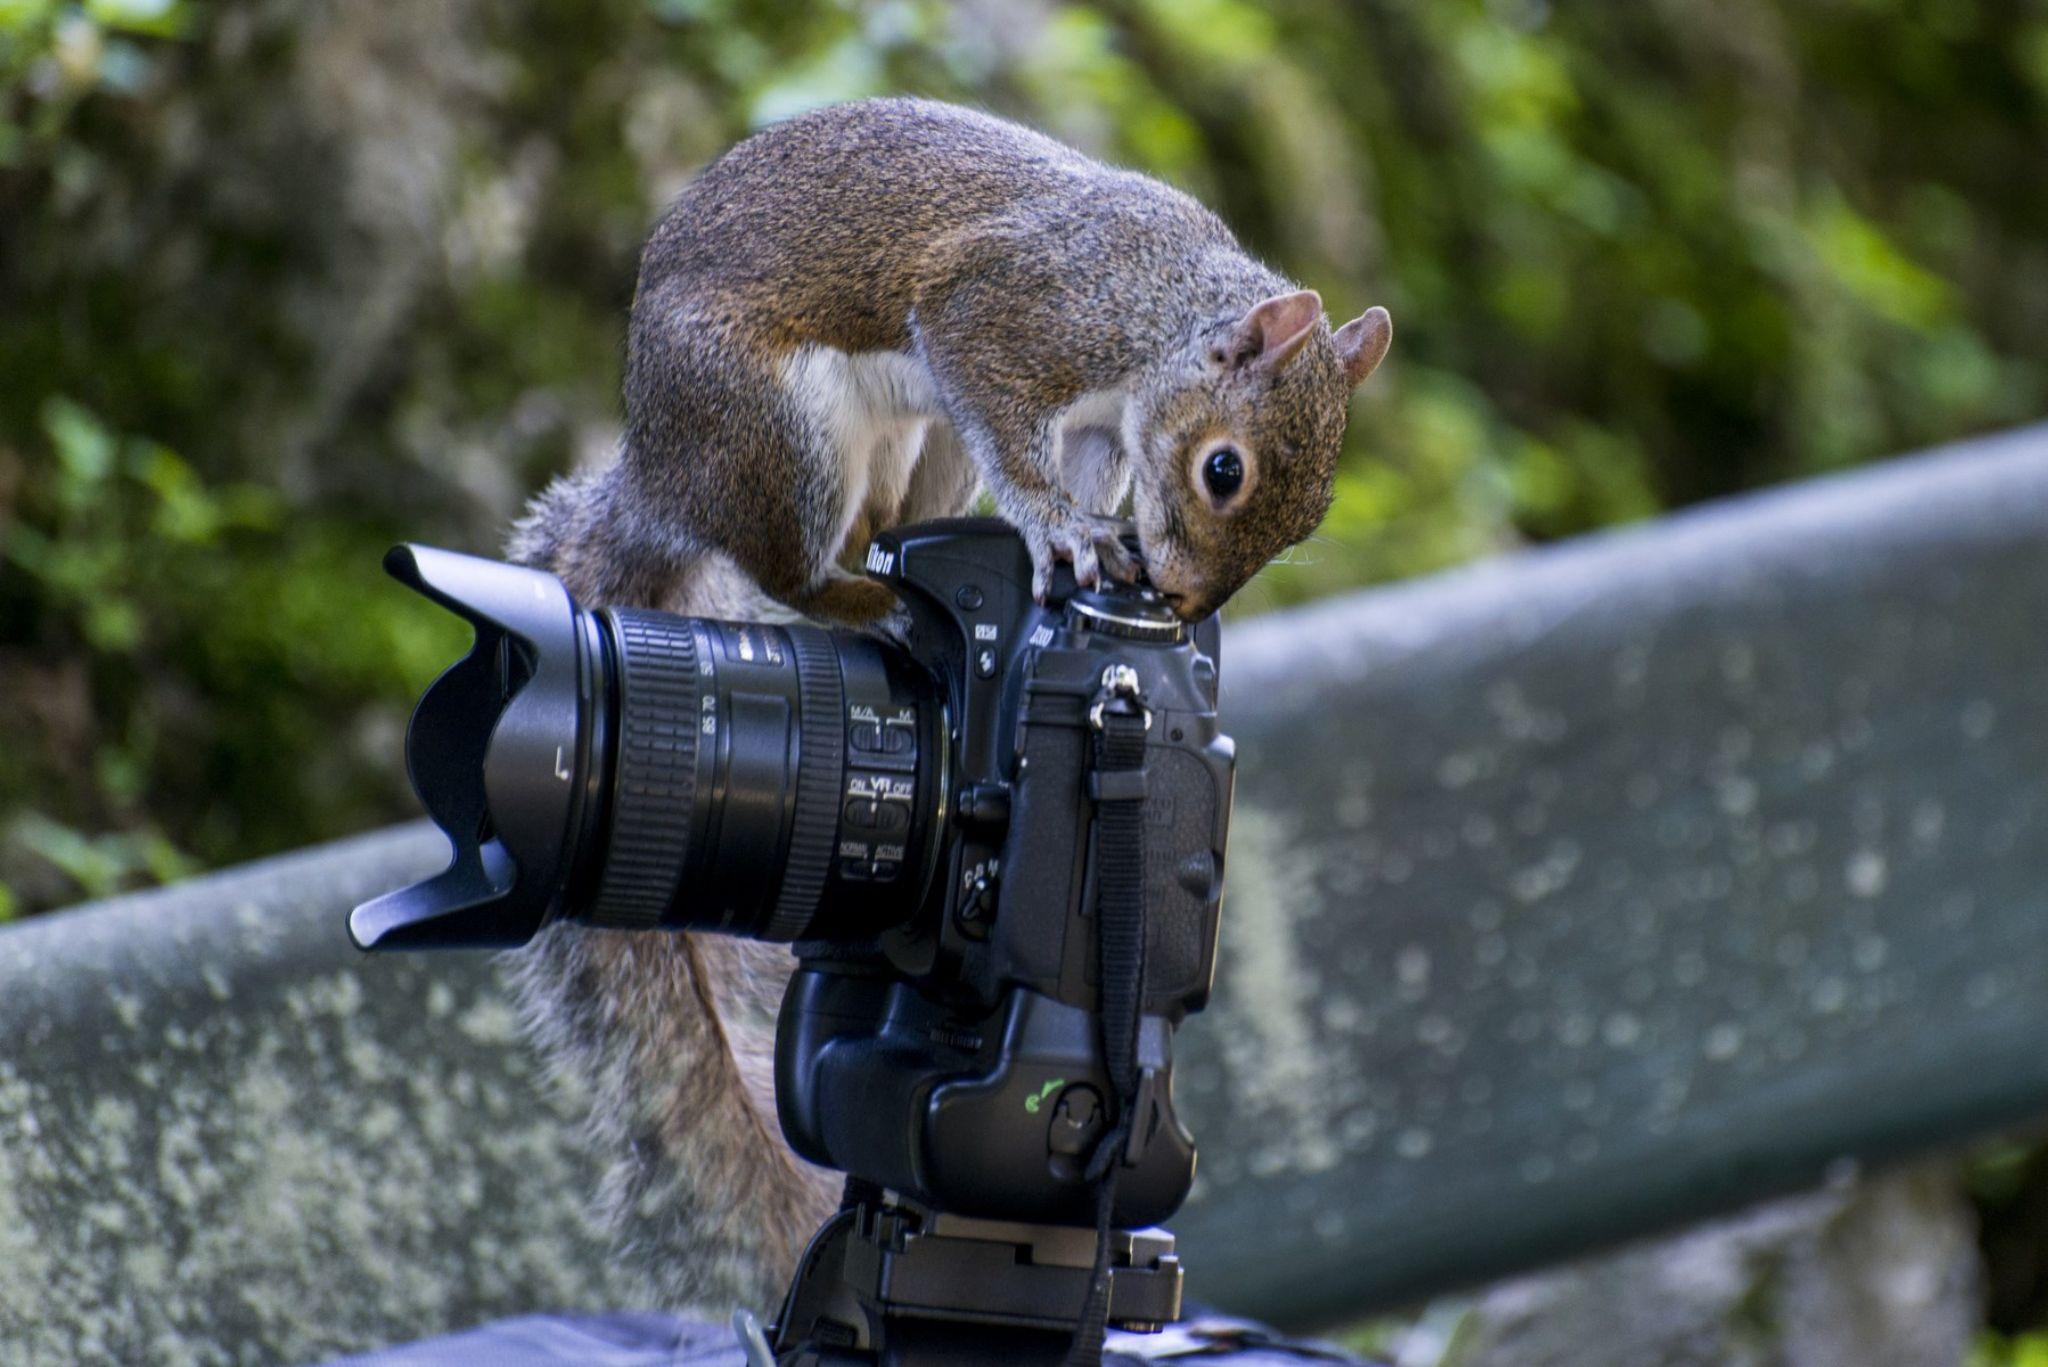 Squirrel Nikonista  by dariosperone